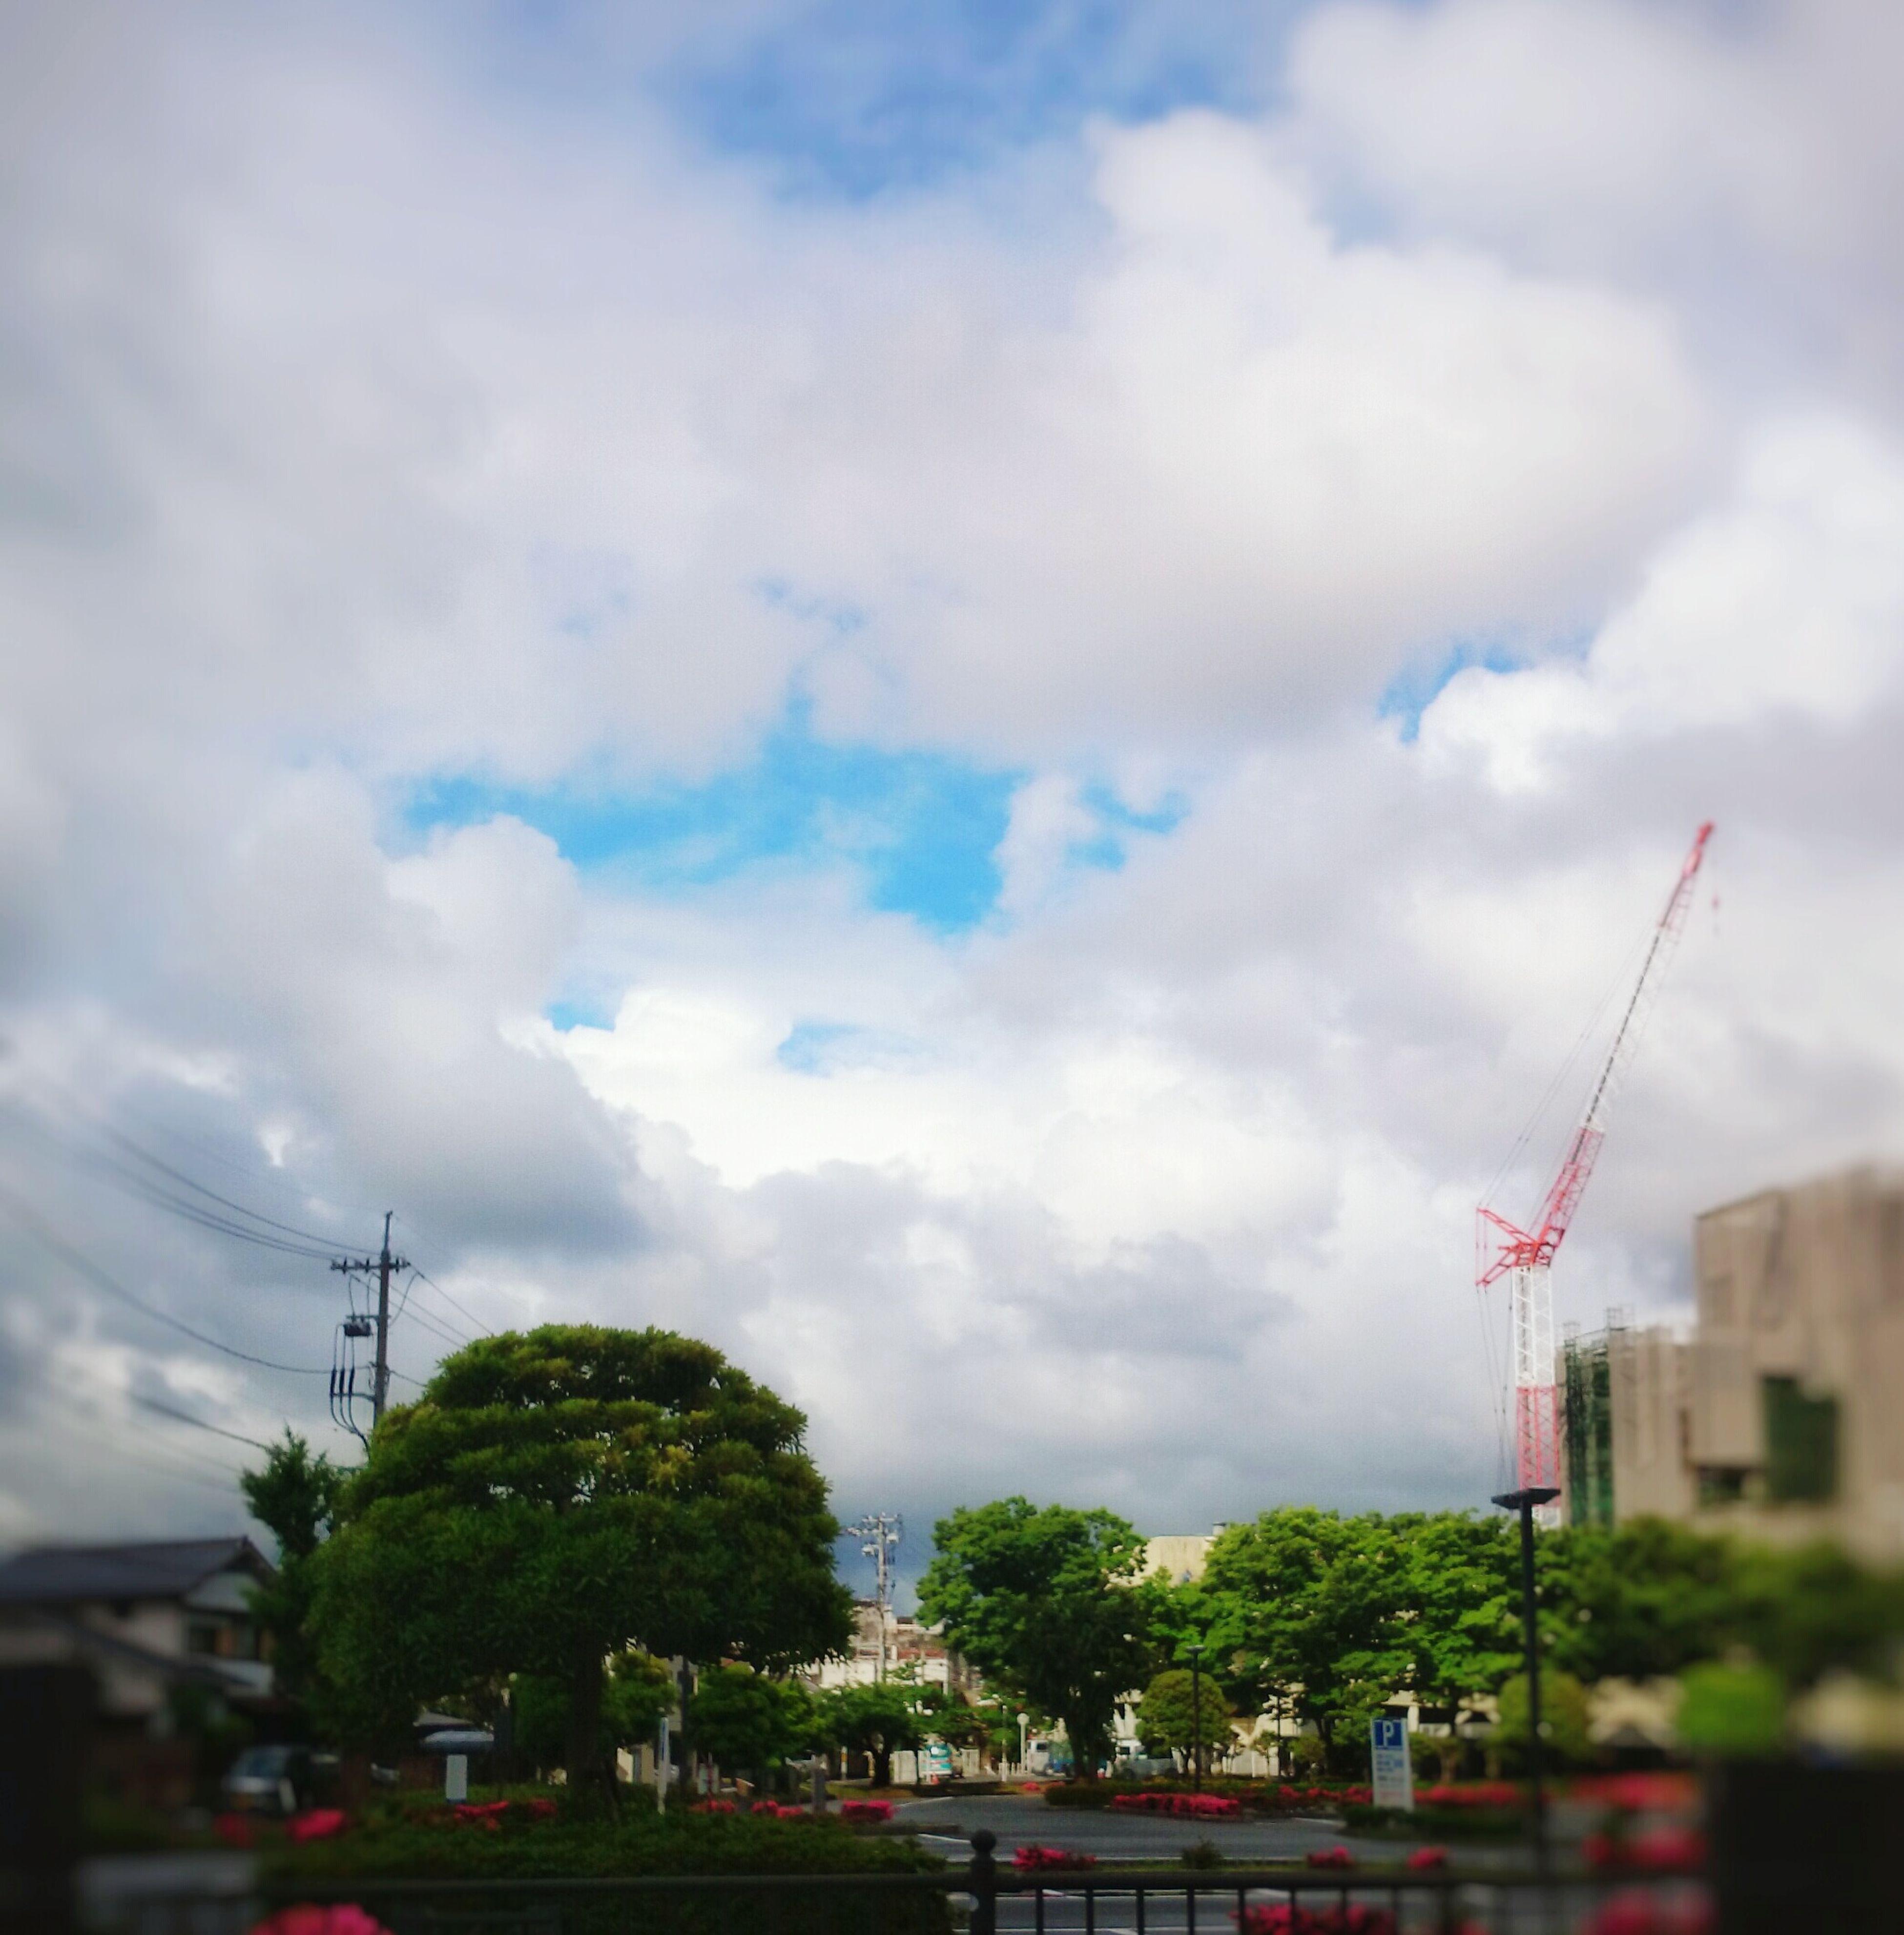 雨が止んだ。。雲に覆われながらも、青空が顔を出す。。やっぱり、青空が好きだなぁ。でも、肌寒い。半袖で頑張る私(笑) Taking Photos EyeEm Gallery Sky And Clouds 空